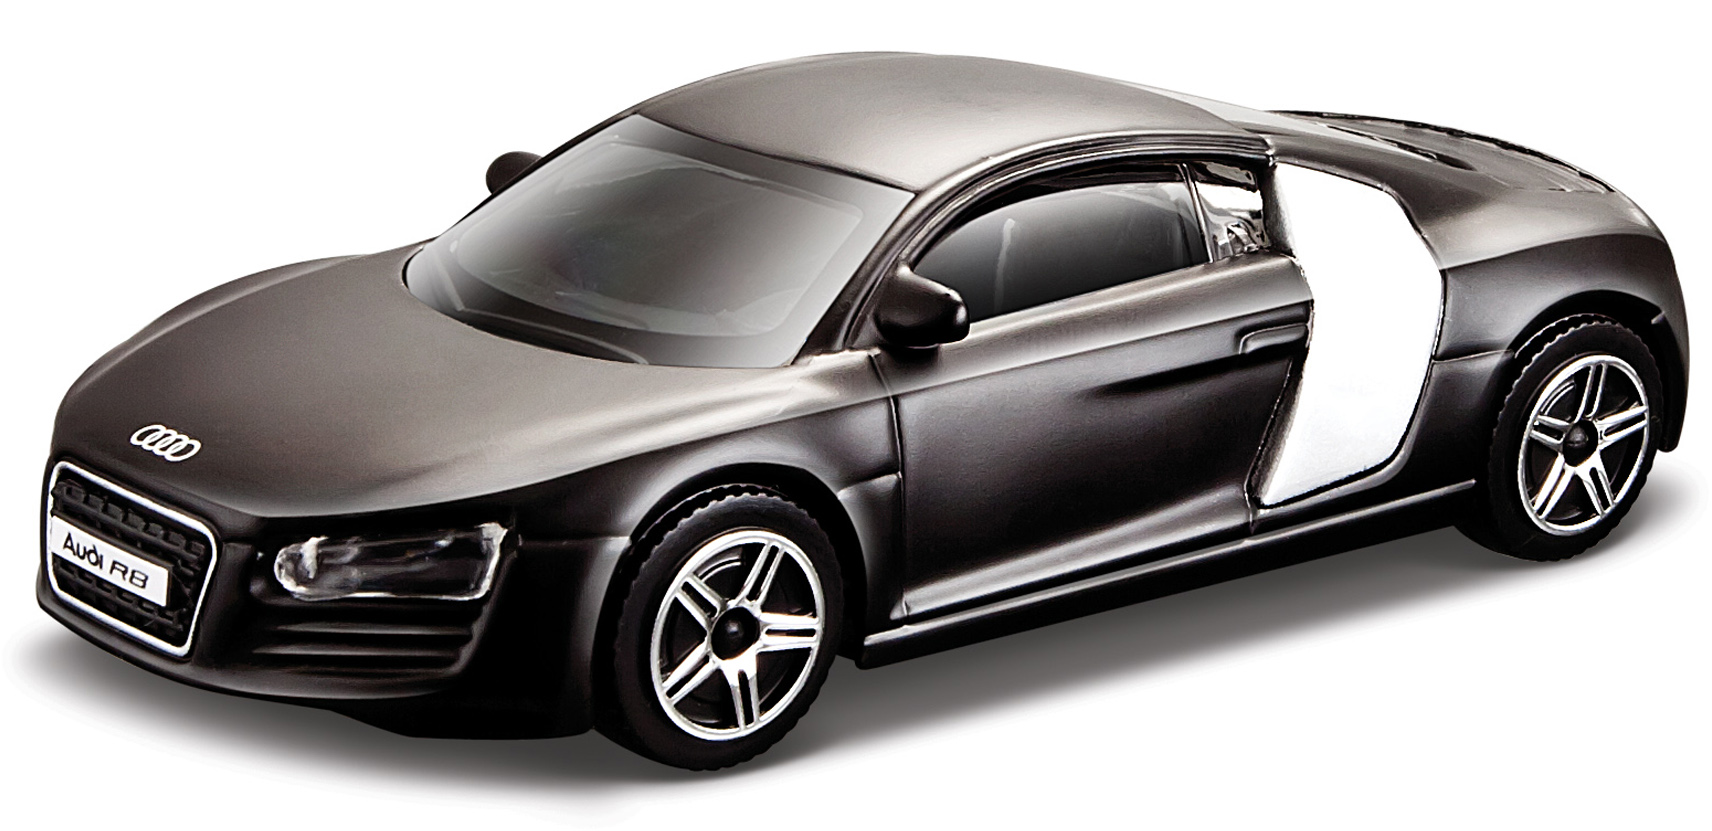 Audi R8 Scale 1:64 (Black/Preto)